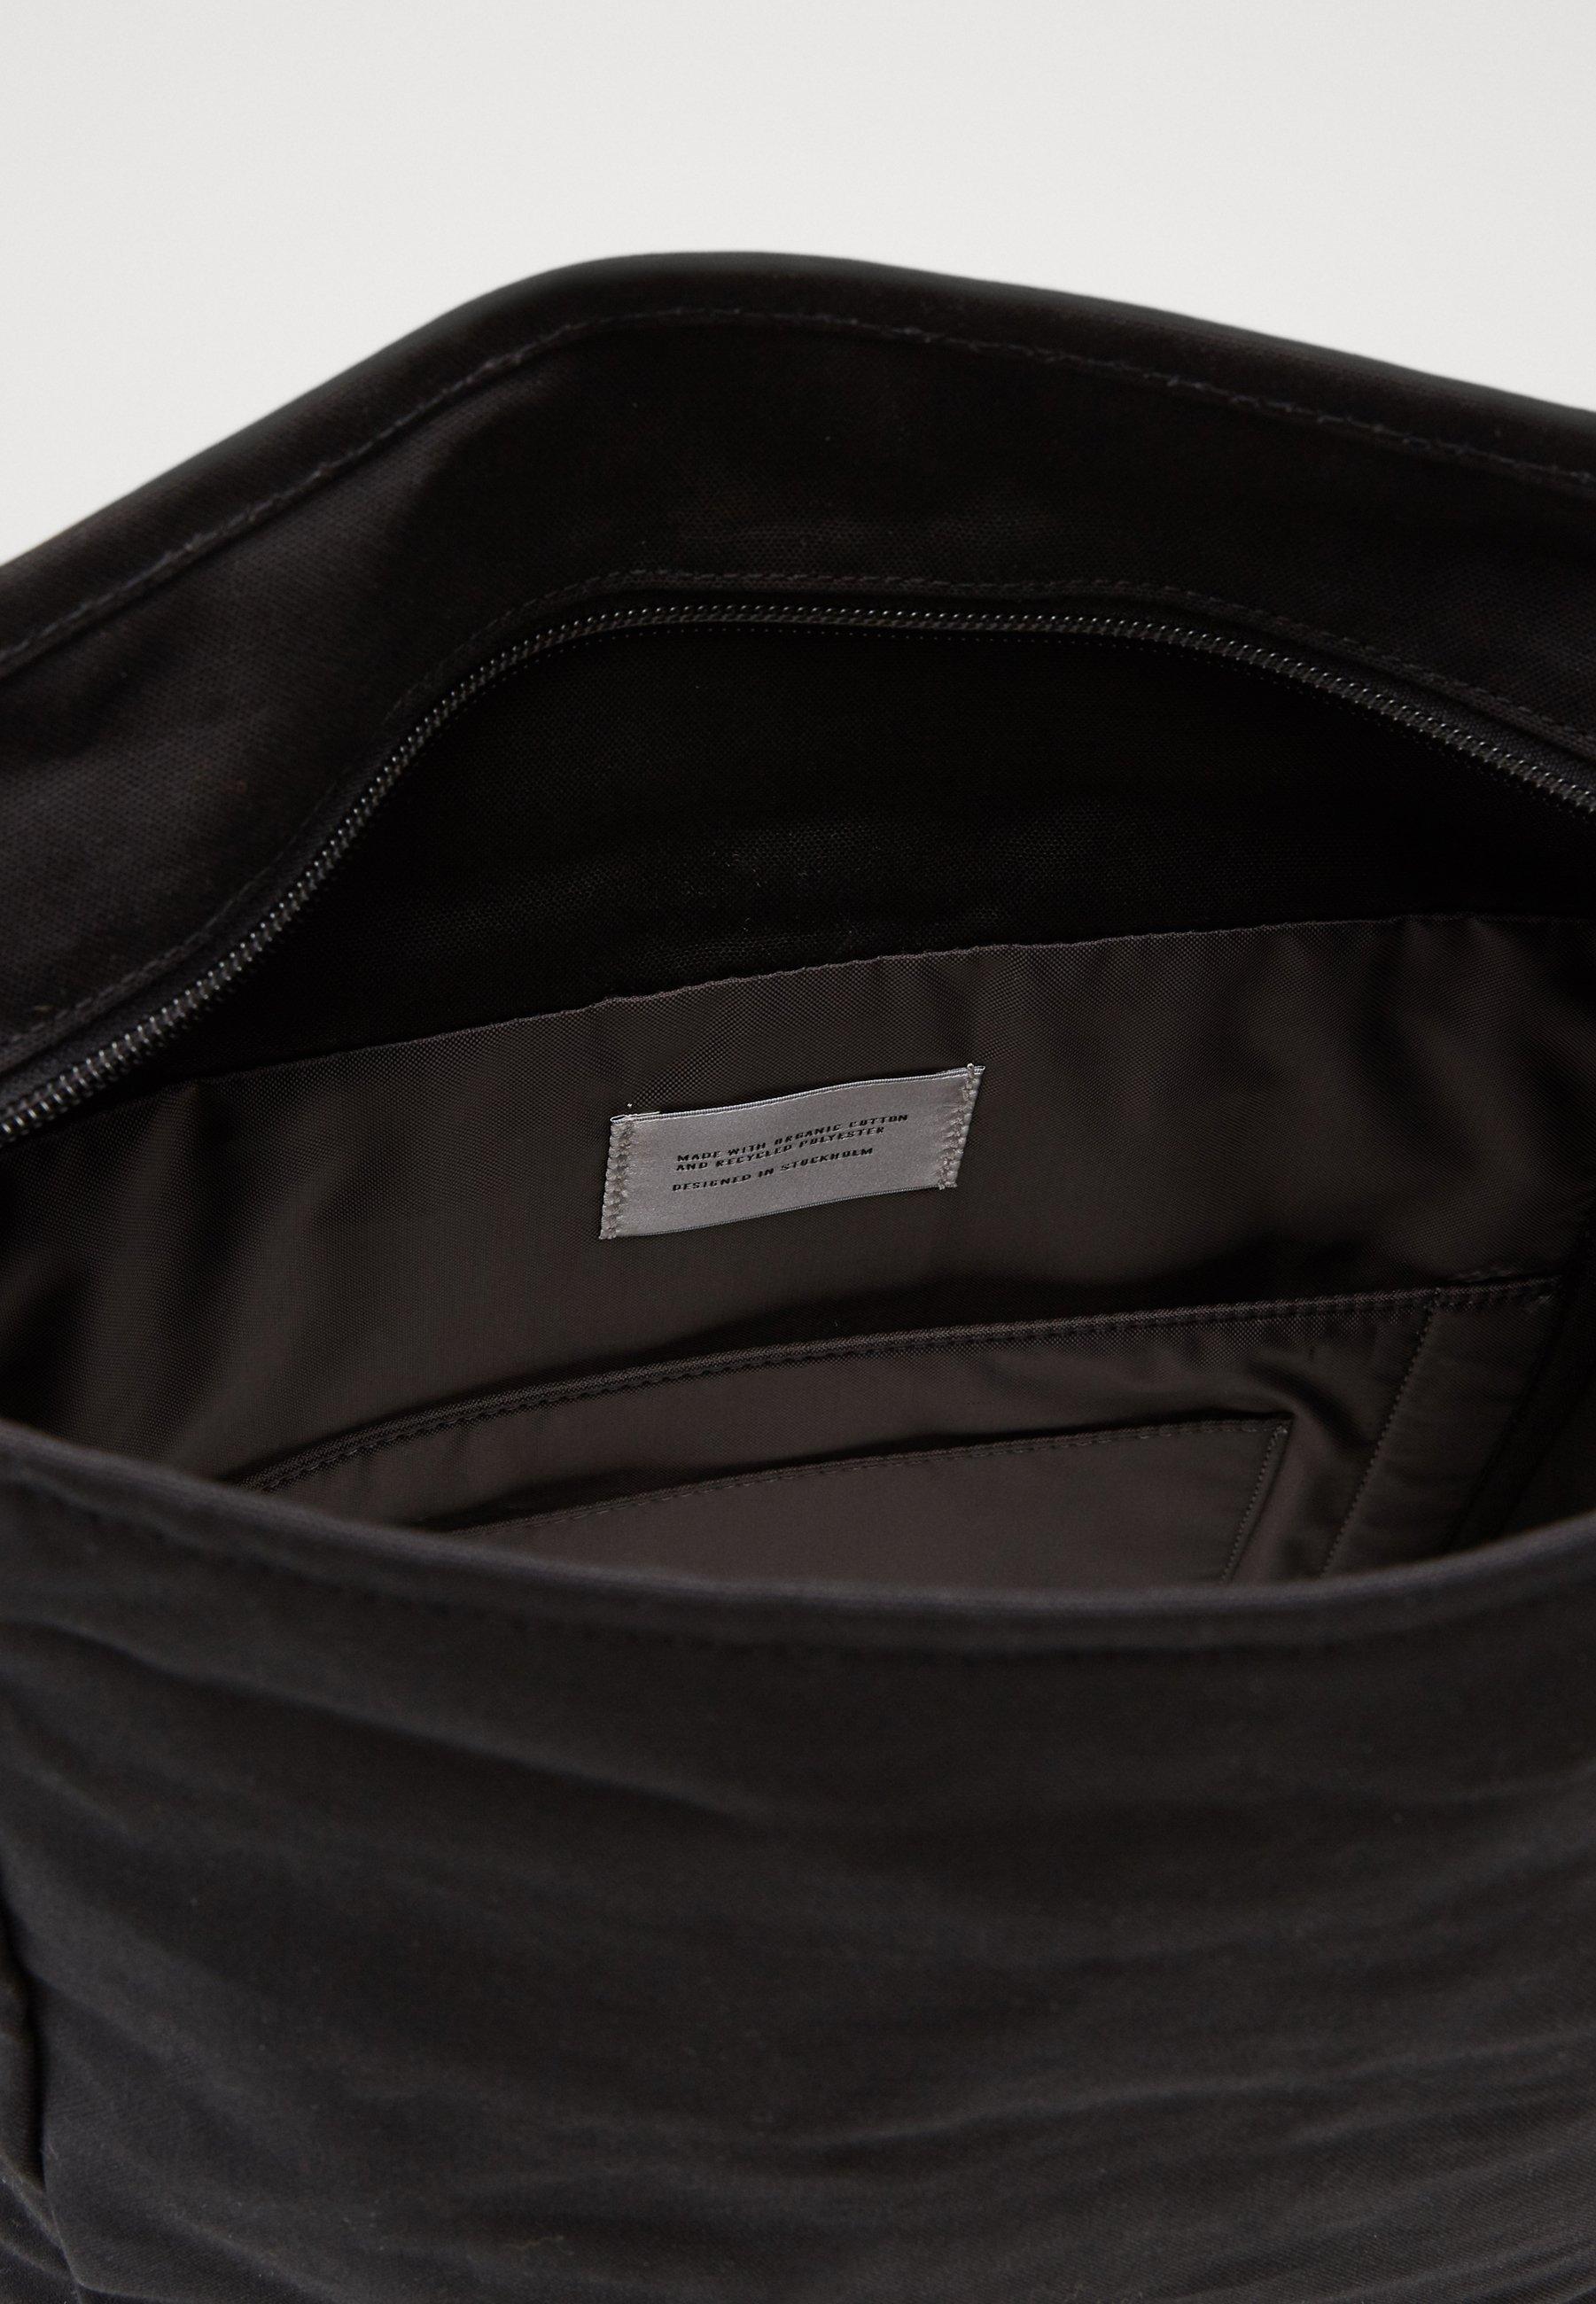 Sandqvist DANTE HOOK - Tagesrucksack - black/schwarz - Herrentaschen jlkb7